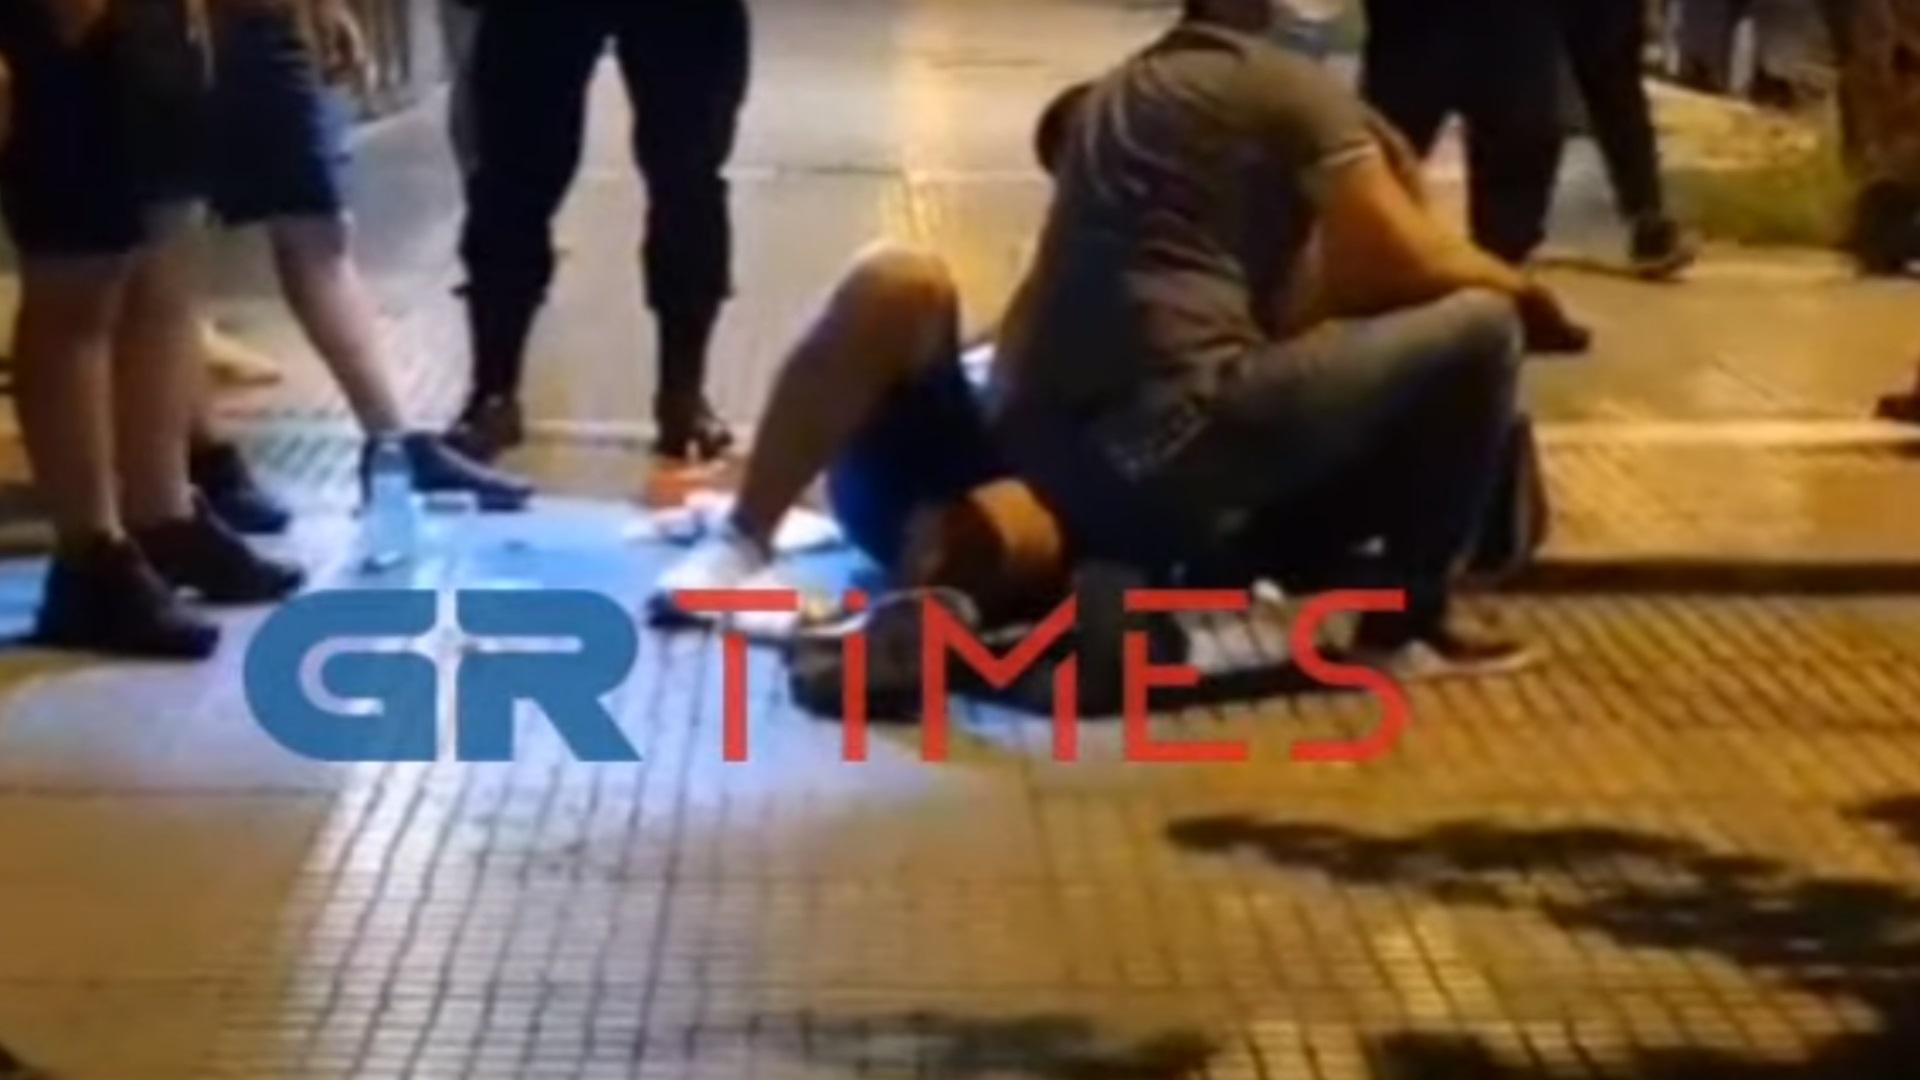 Θεσσαλονίκη: Κατέβηκε από το αυτοκίνητο και τον πυροβόλησε